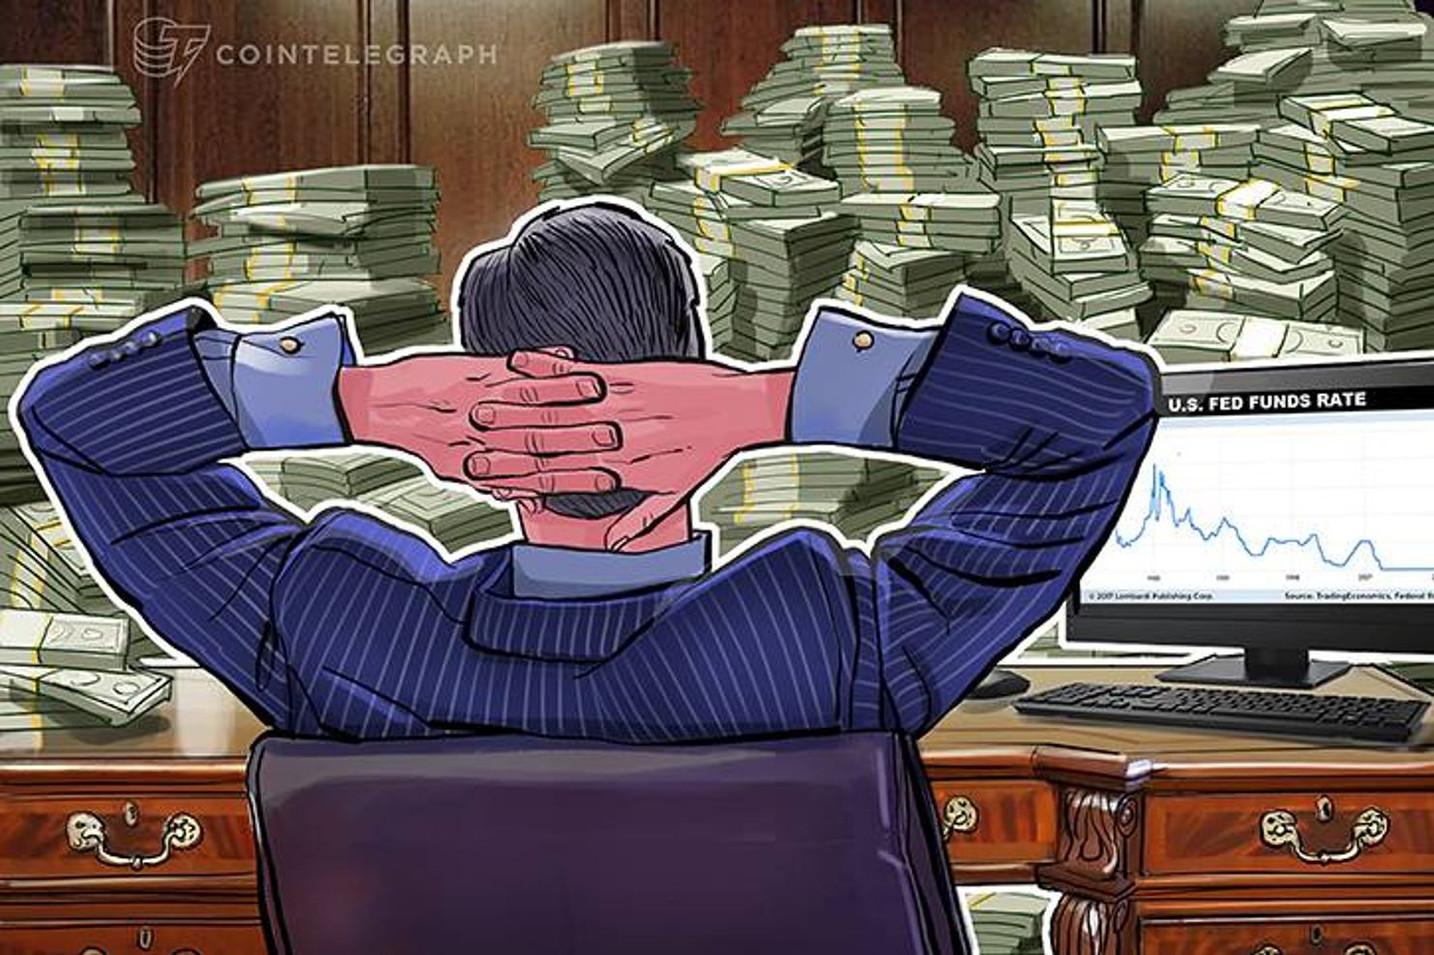 JPモルガンが次の金融危機を予想 その時、仮想通貨の役割とは?